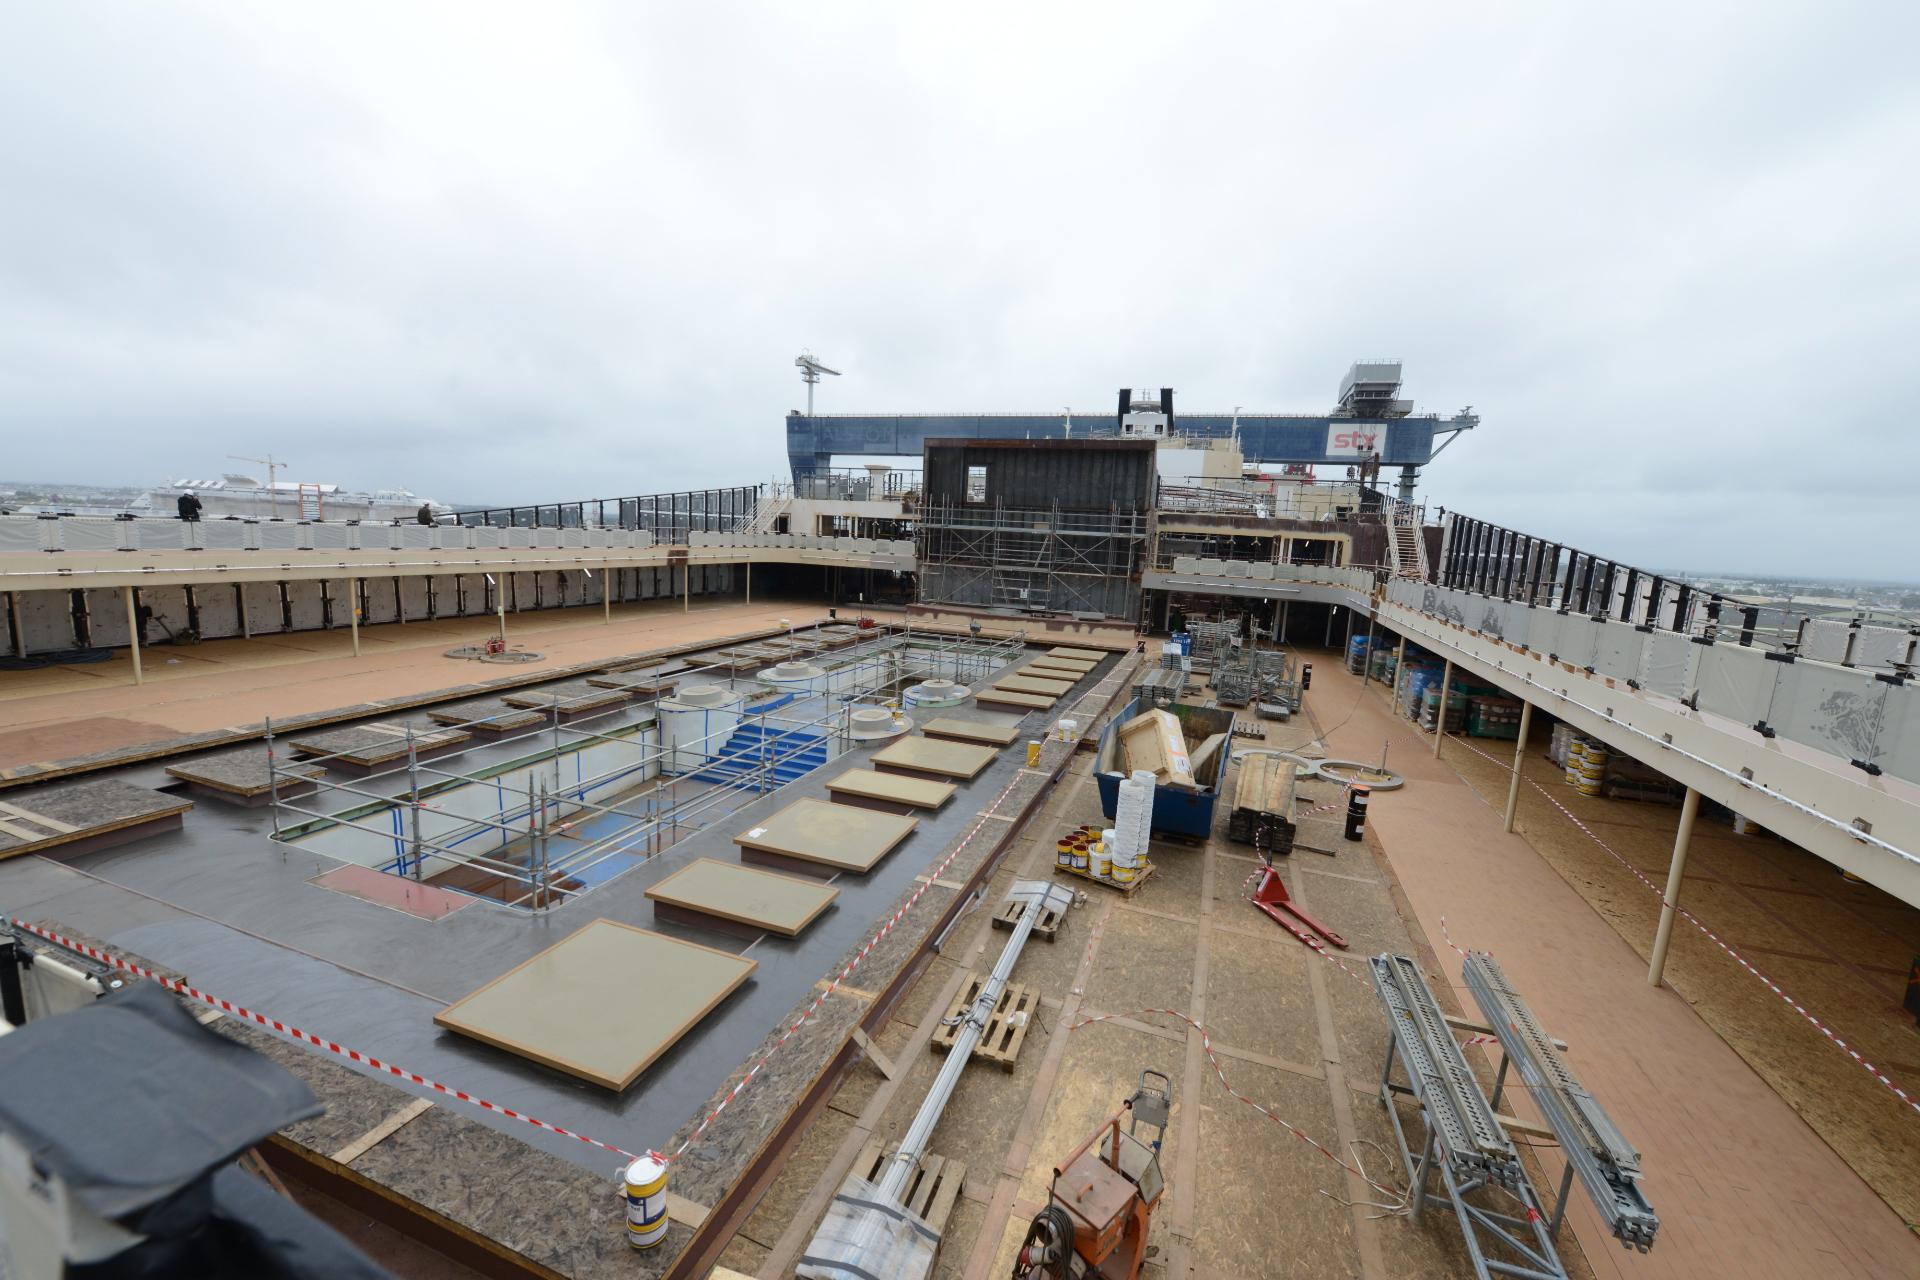 Les piscines en cours d'aménagement sur le pont supérieur du MSC Bellissima.